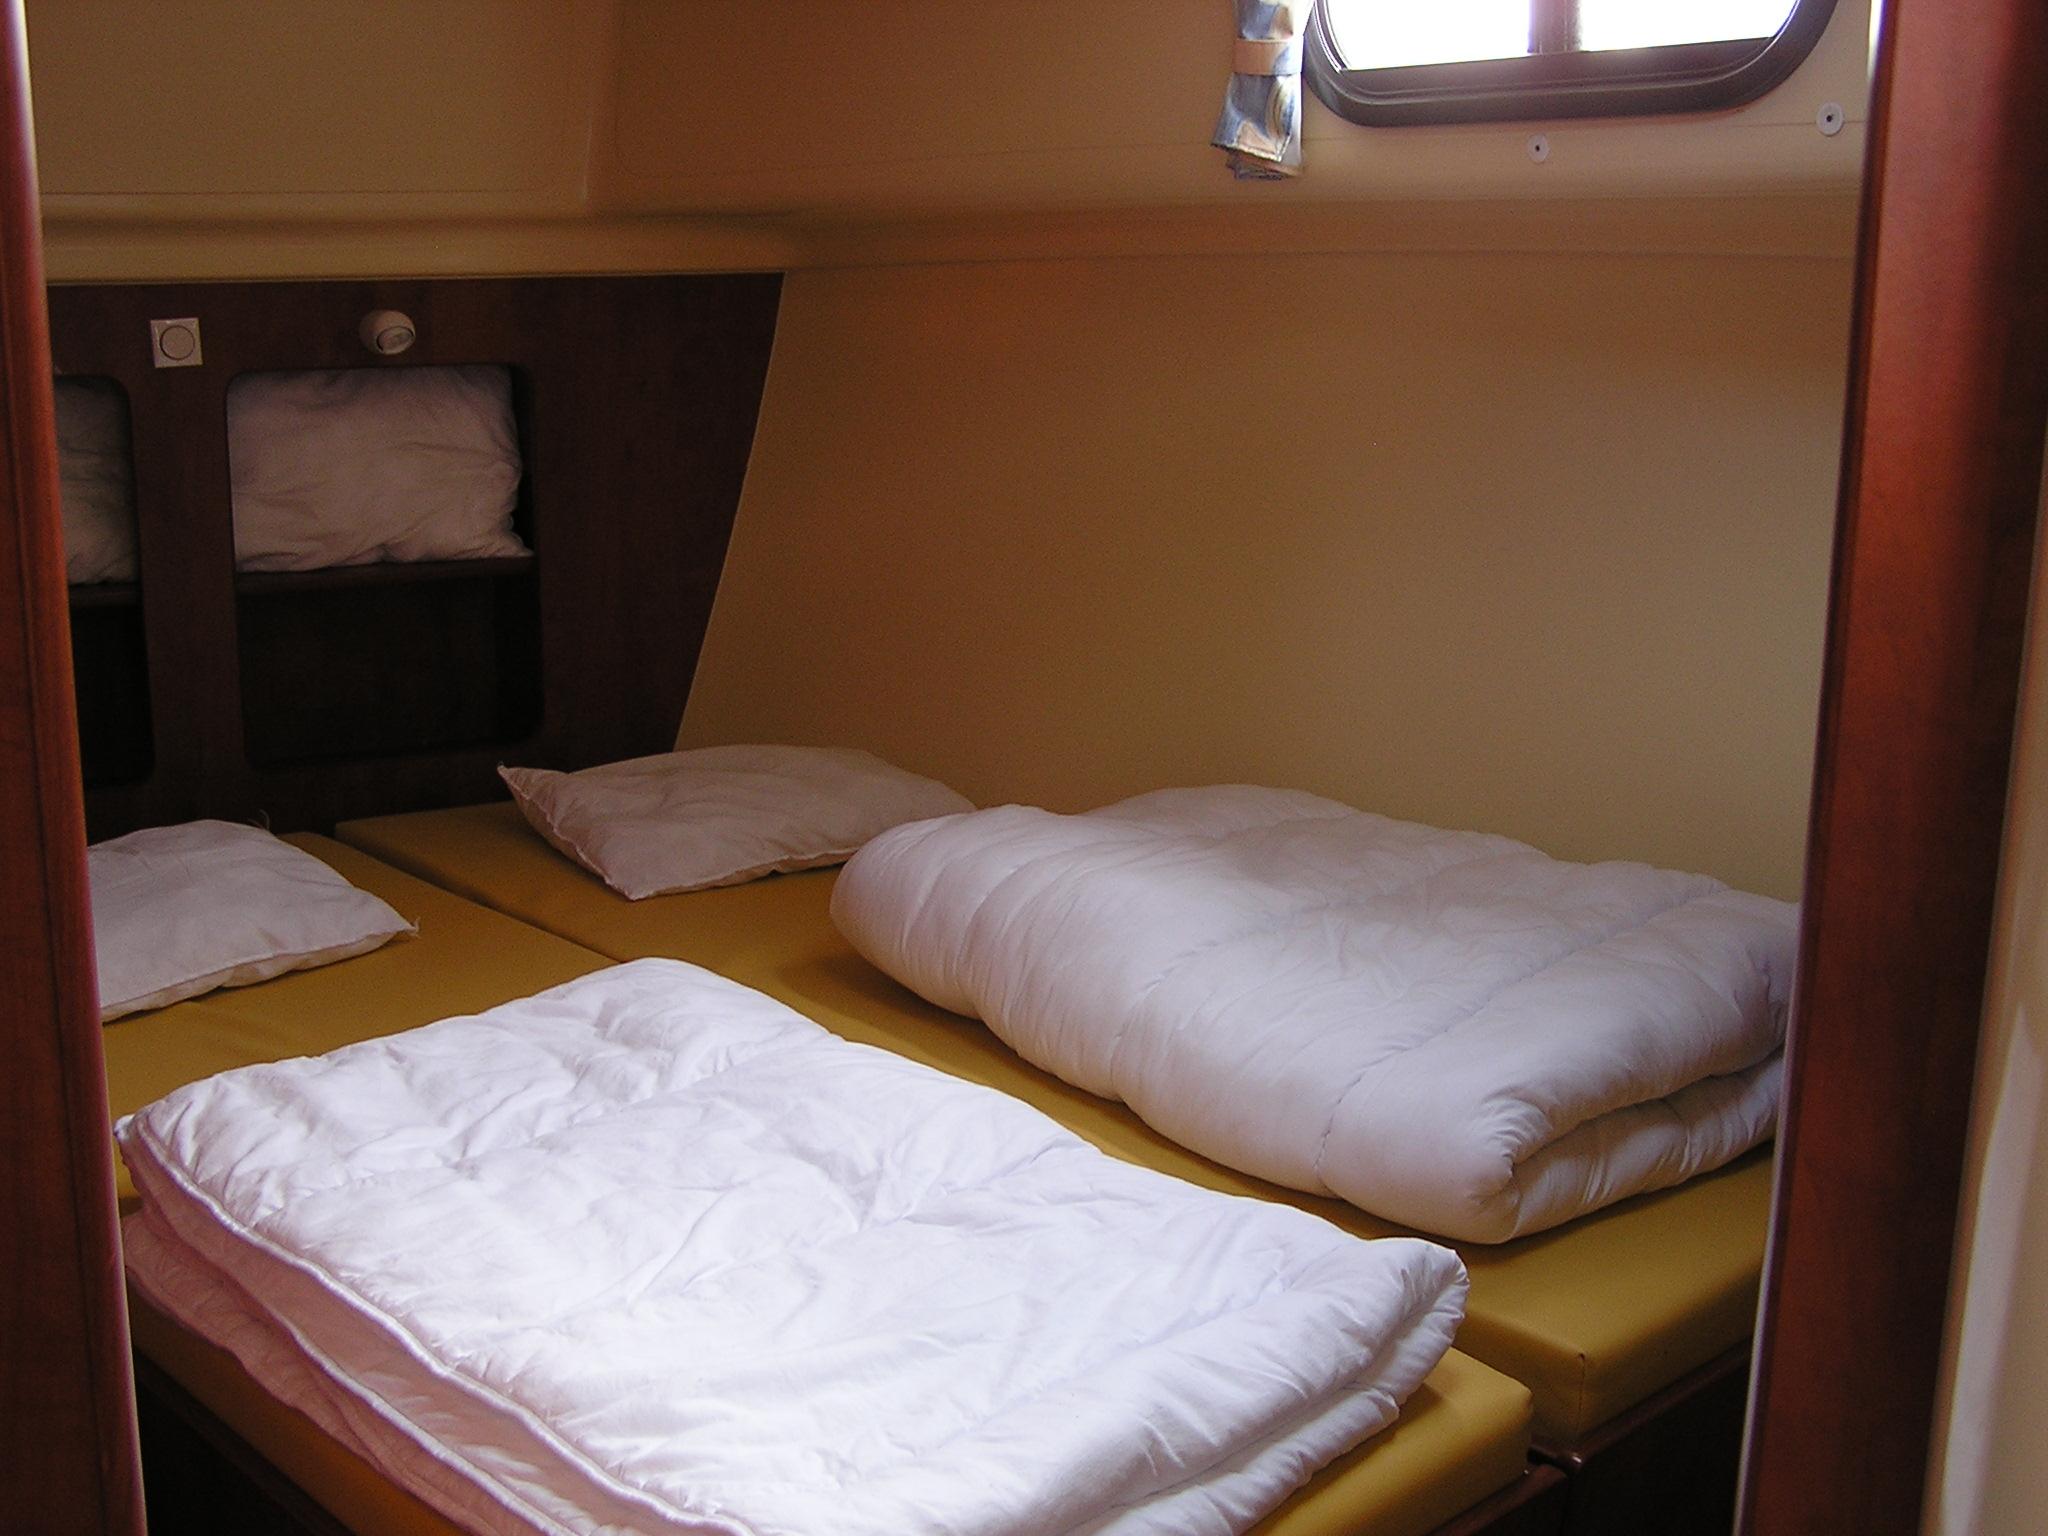 Nicols Estivale QUATTRO chambre lits simples transforme en double sireuil charente inter croisieres